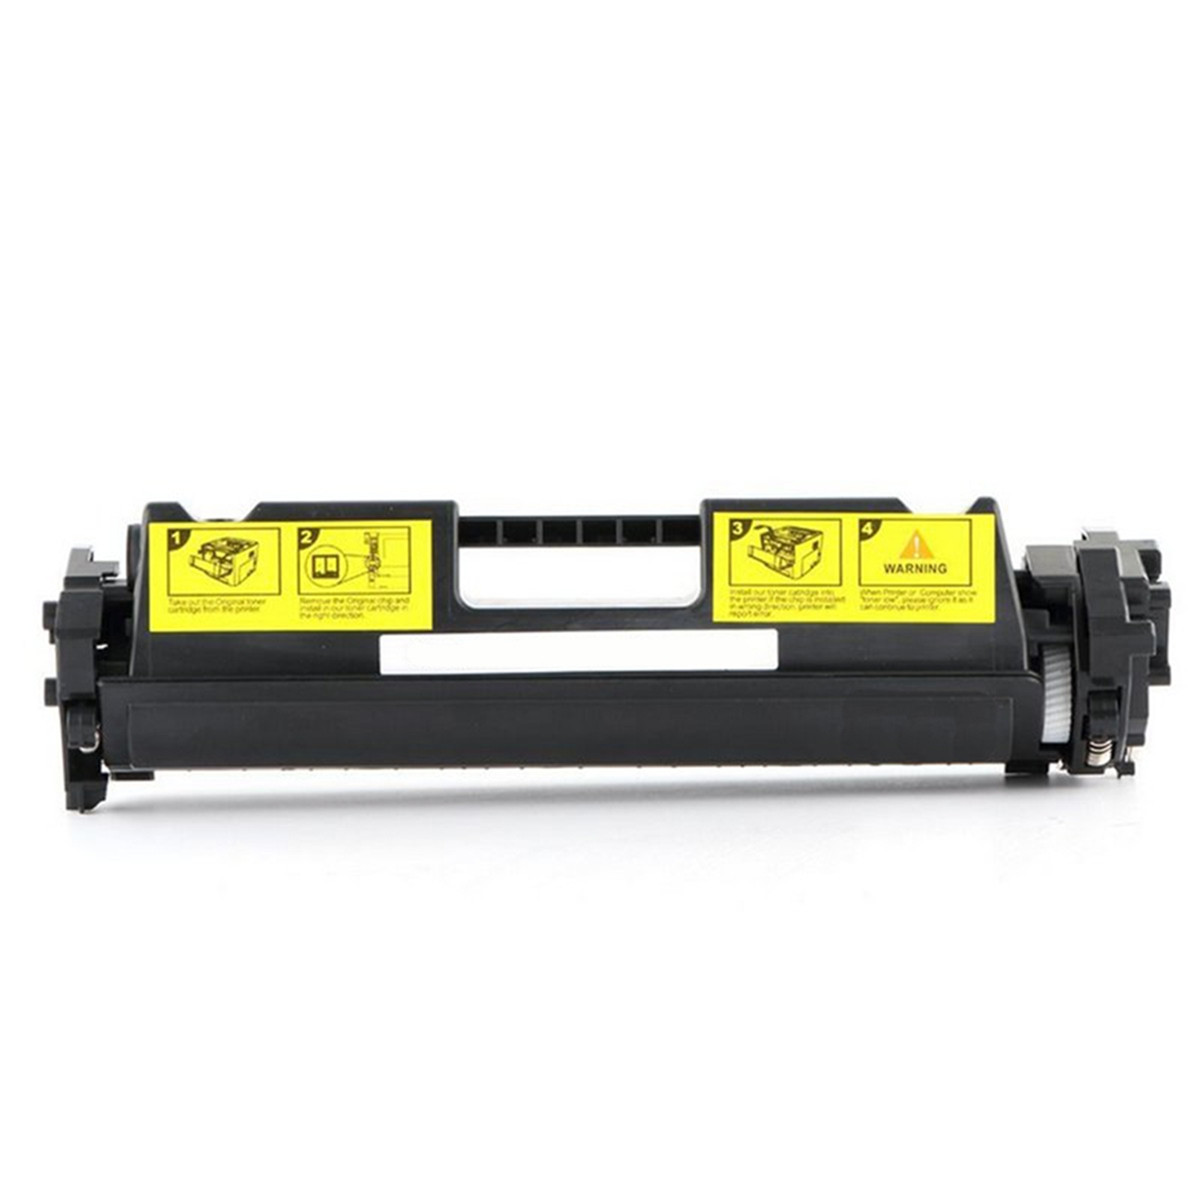 Toner Compatível com HP CF230X 30X   M203 M227 M203DW M203DN M227FDW M227SDN   3.5k